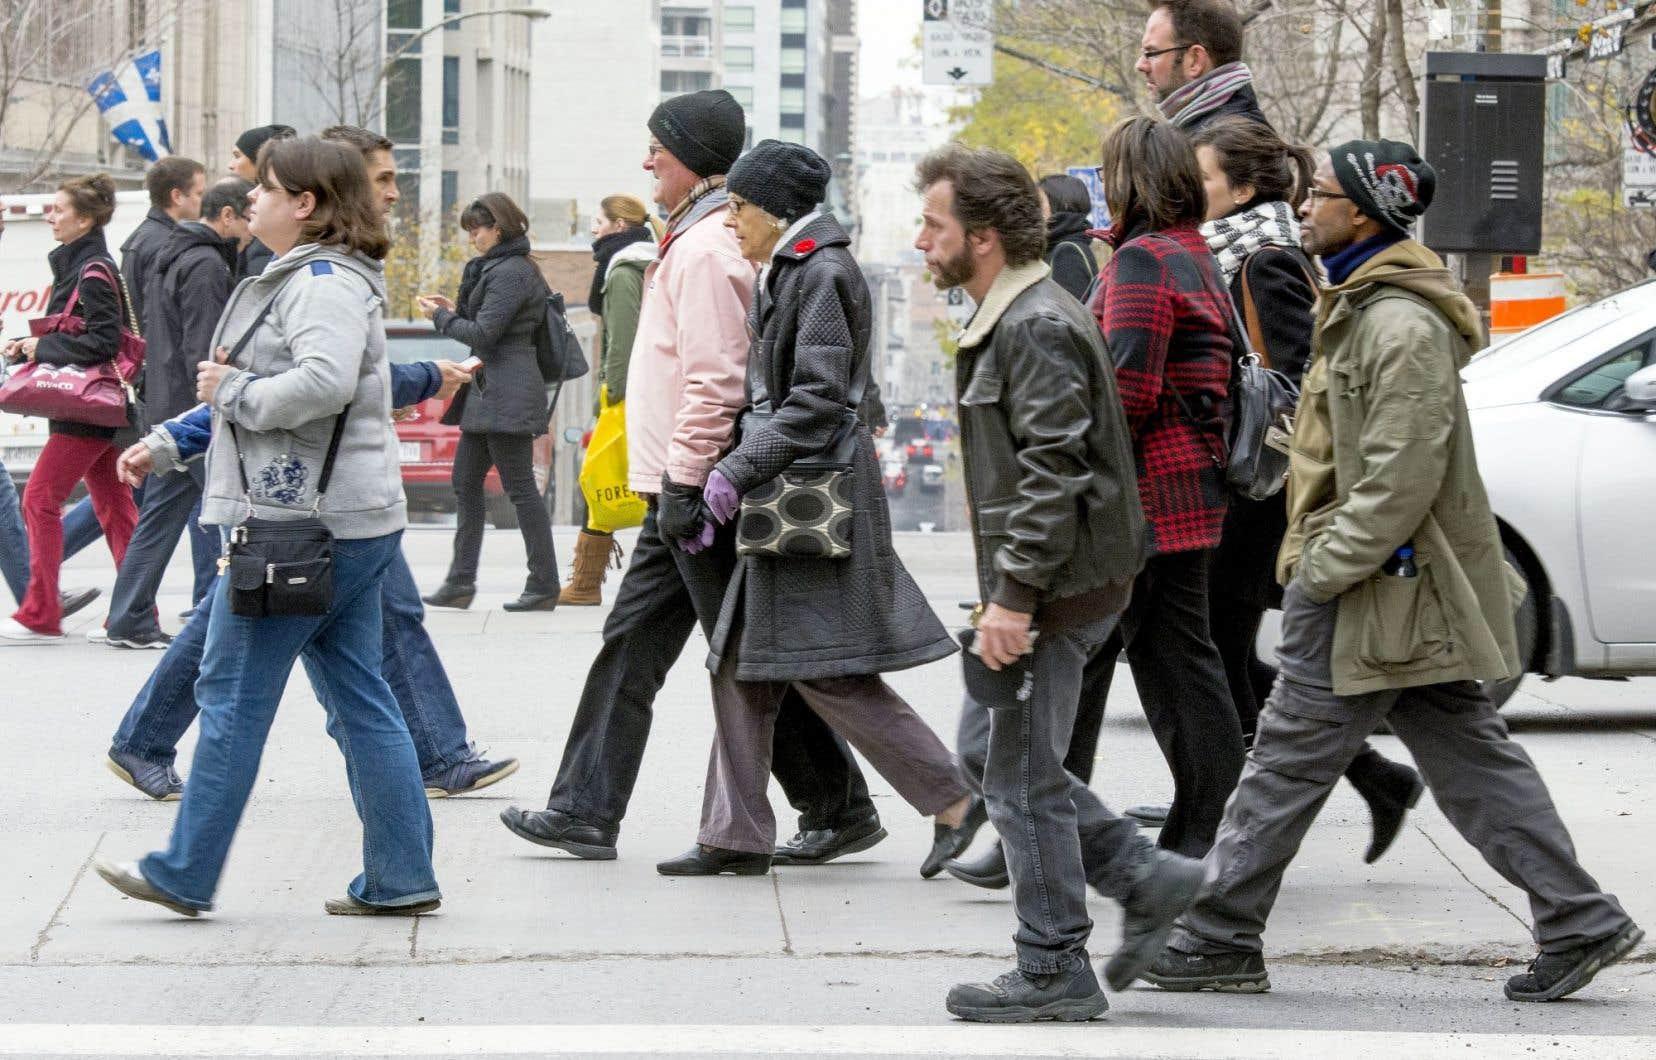 À Ottawa, le Directeur parlementaire du budget plaide pour la protection du système actuel d'imposition et de transferts sociaux qui contibue à réduire les inégalités au pays.